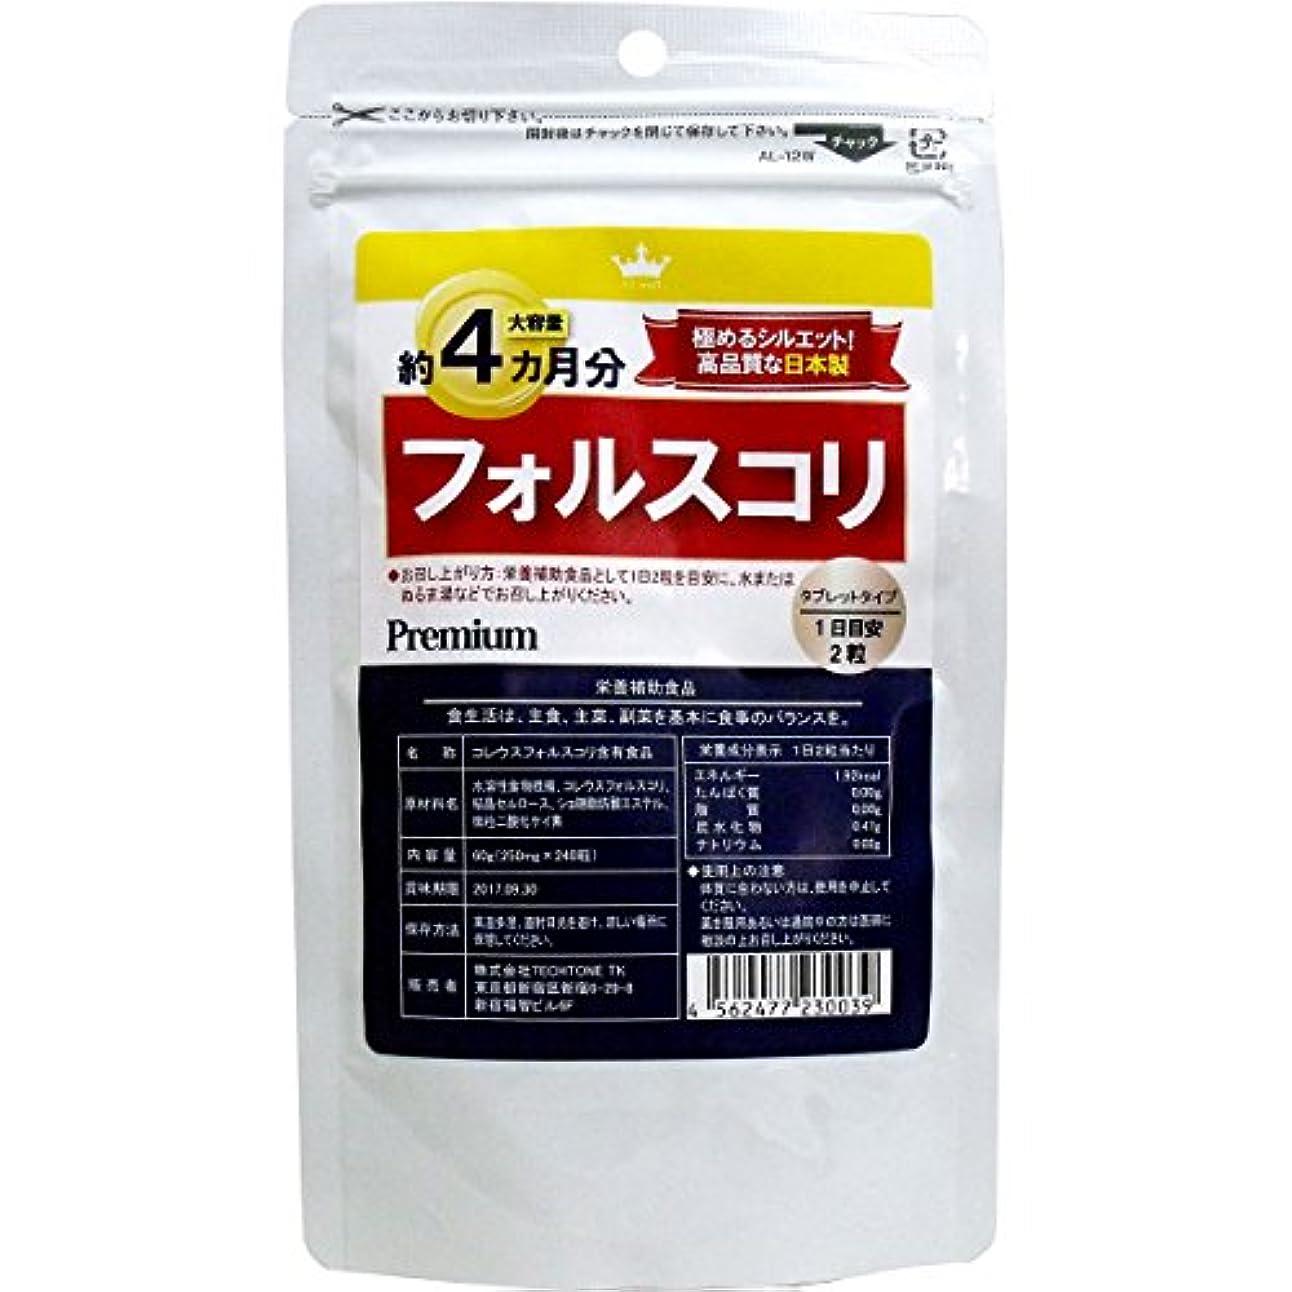 動的スーダン適度なサプリ 高品質な日本製 話題の フォルスコリ 約4カ月分 240粒入【2個セット】